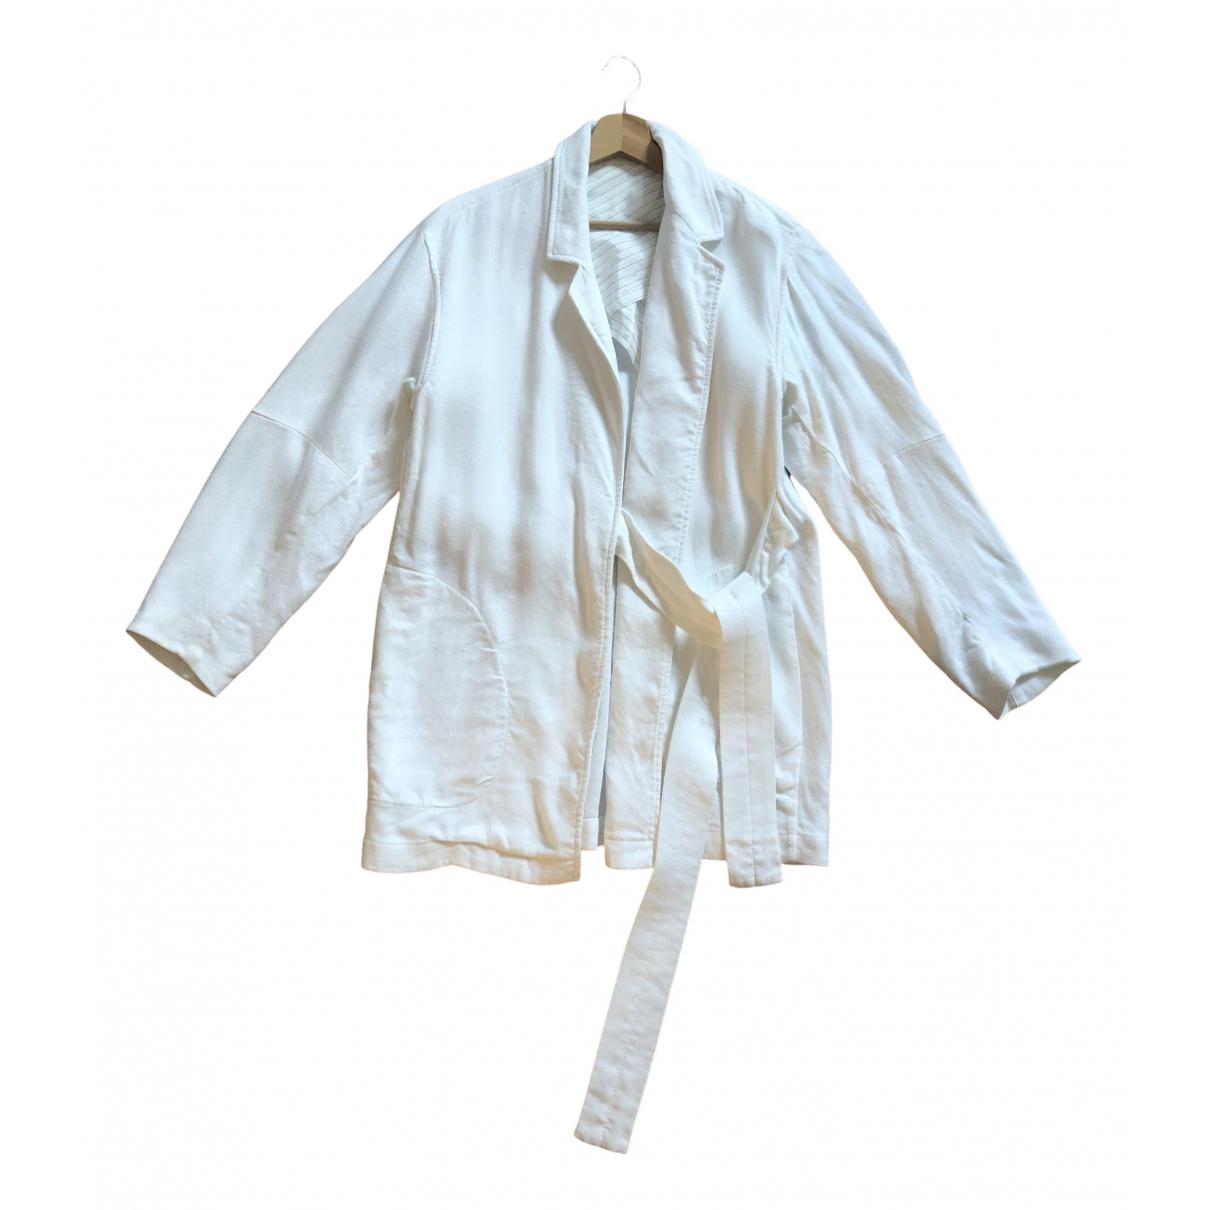 Acne Studios - Veste   pour femme en lin - blanc